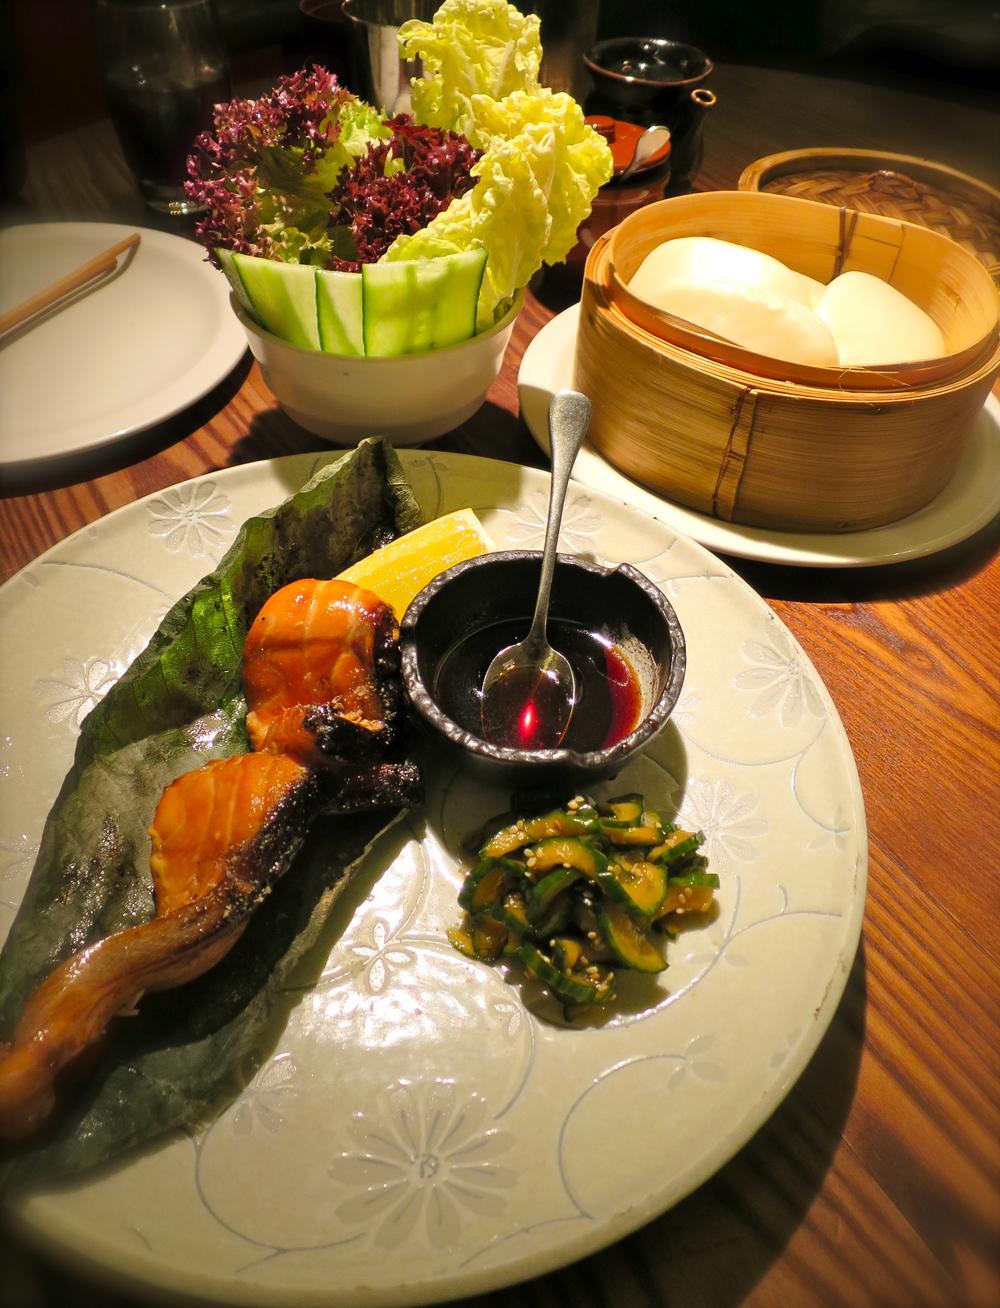 Salmon teriyaki - the flesh to accompany our buns!